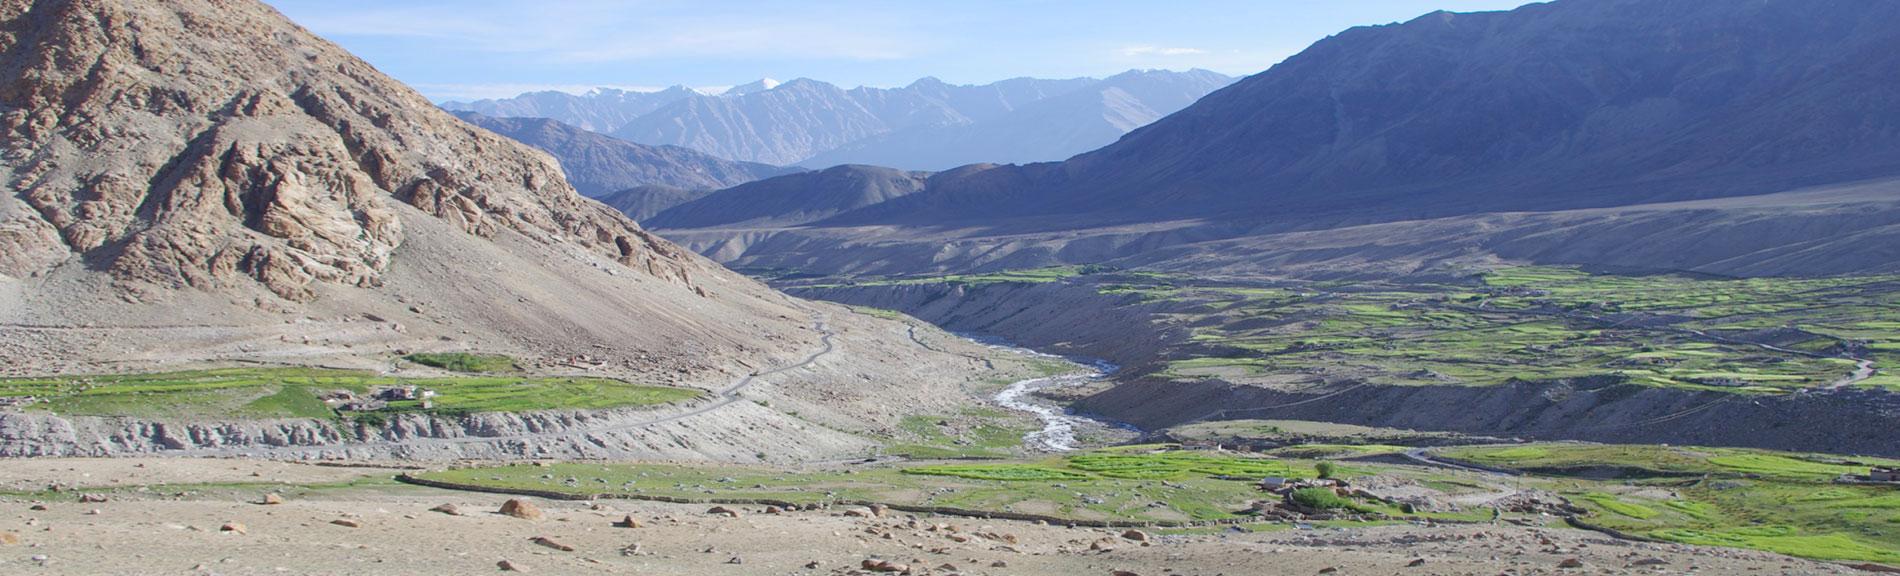 slide-nubratal-landschaft